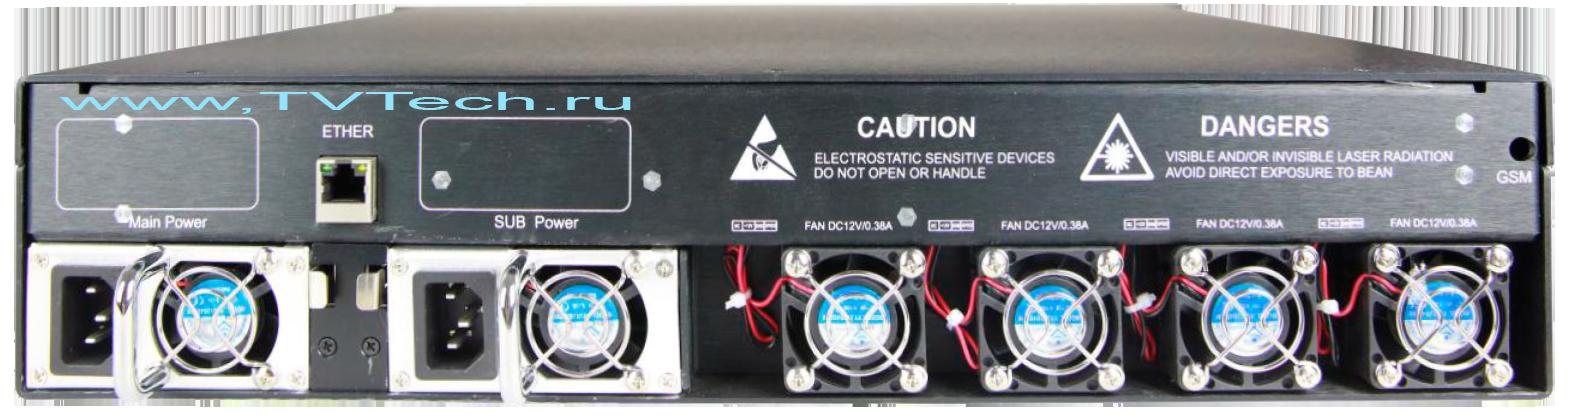 Вид сзади EDFA 64x19 дБм оптический усилитель OA1550